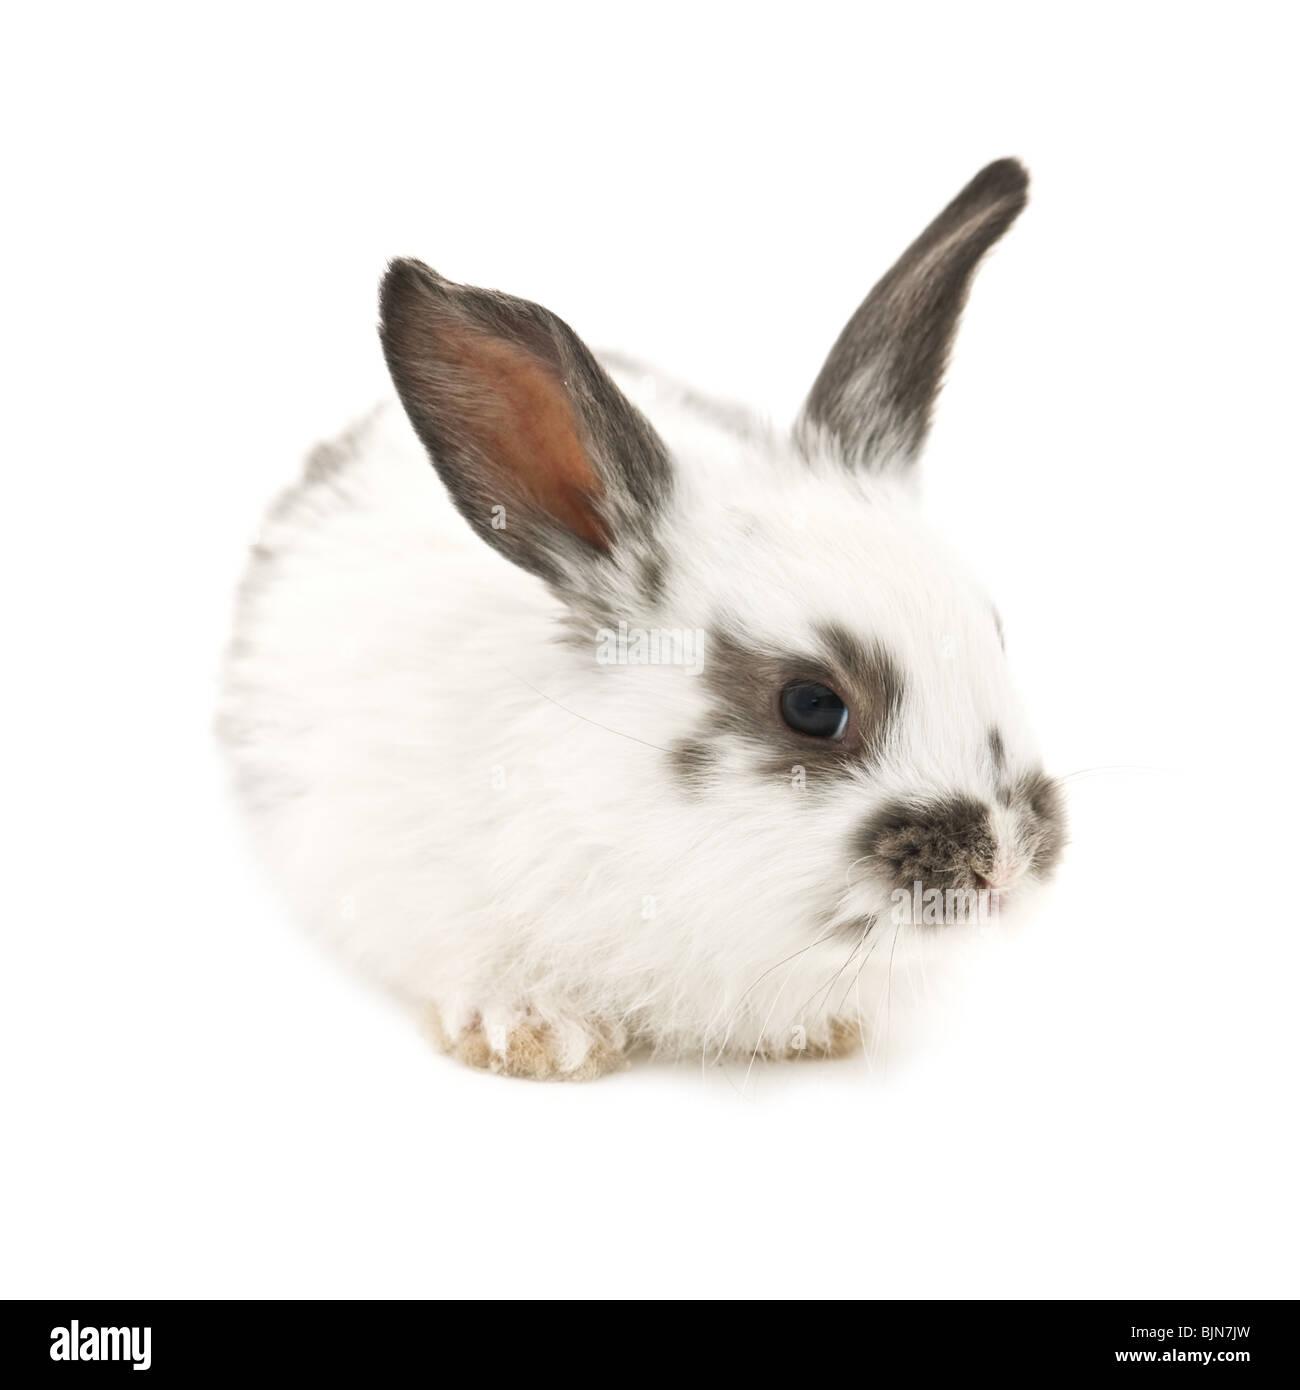 rabbit isolated on white background - Stock Image